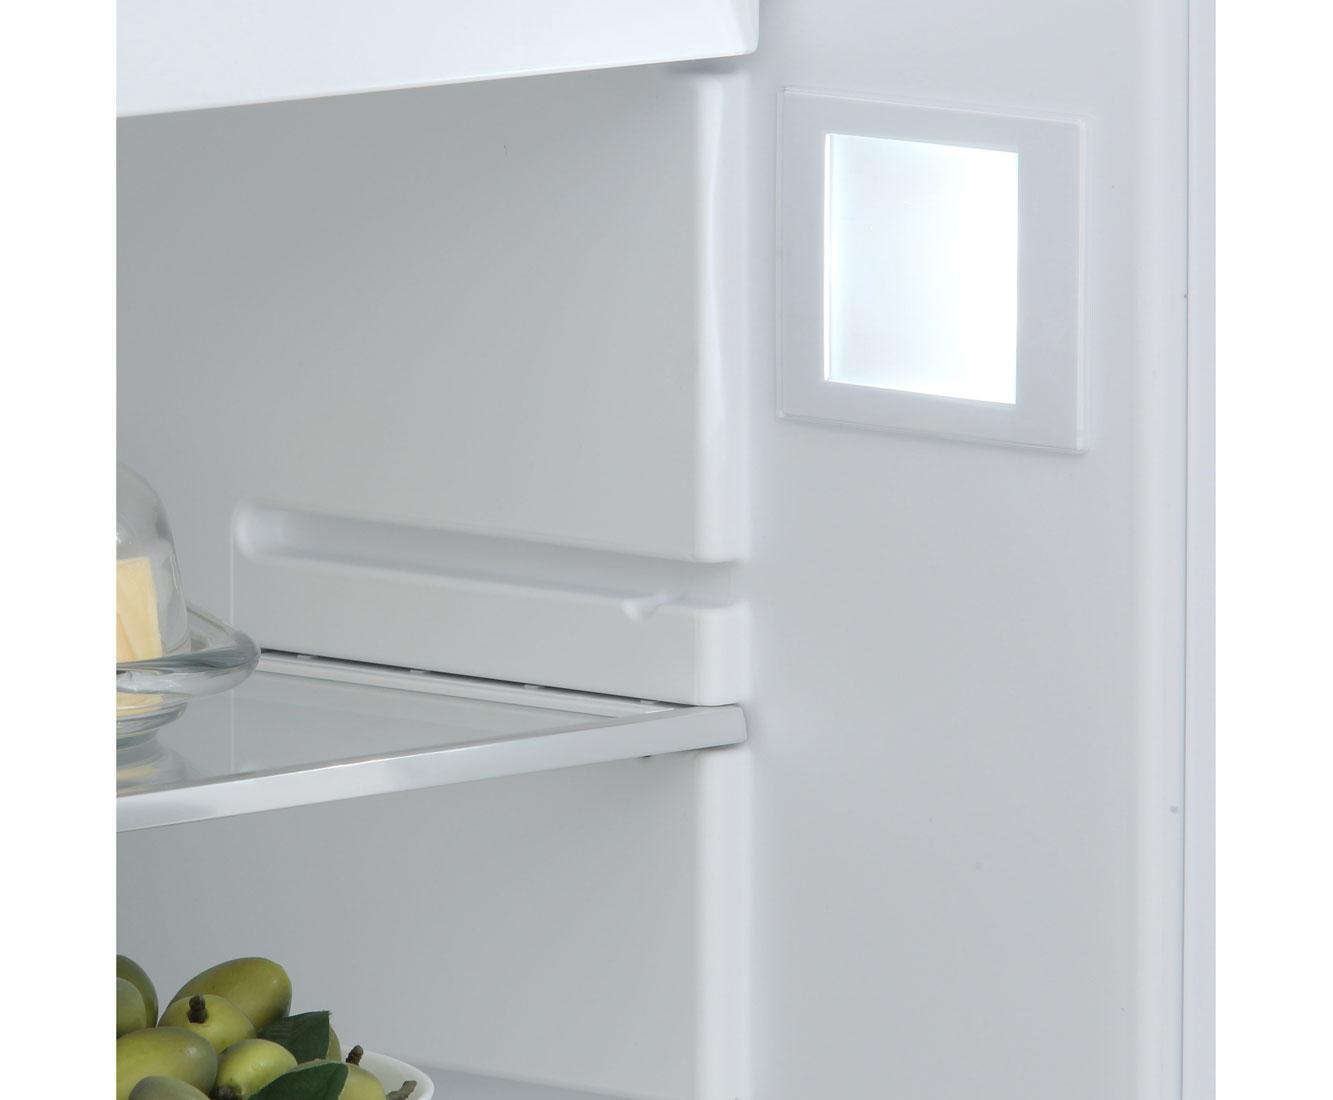 Bosch Kühlschrank Temperatur : Bosch serie kil af einbau kühlschrank mit gefrierfach er